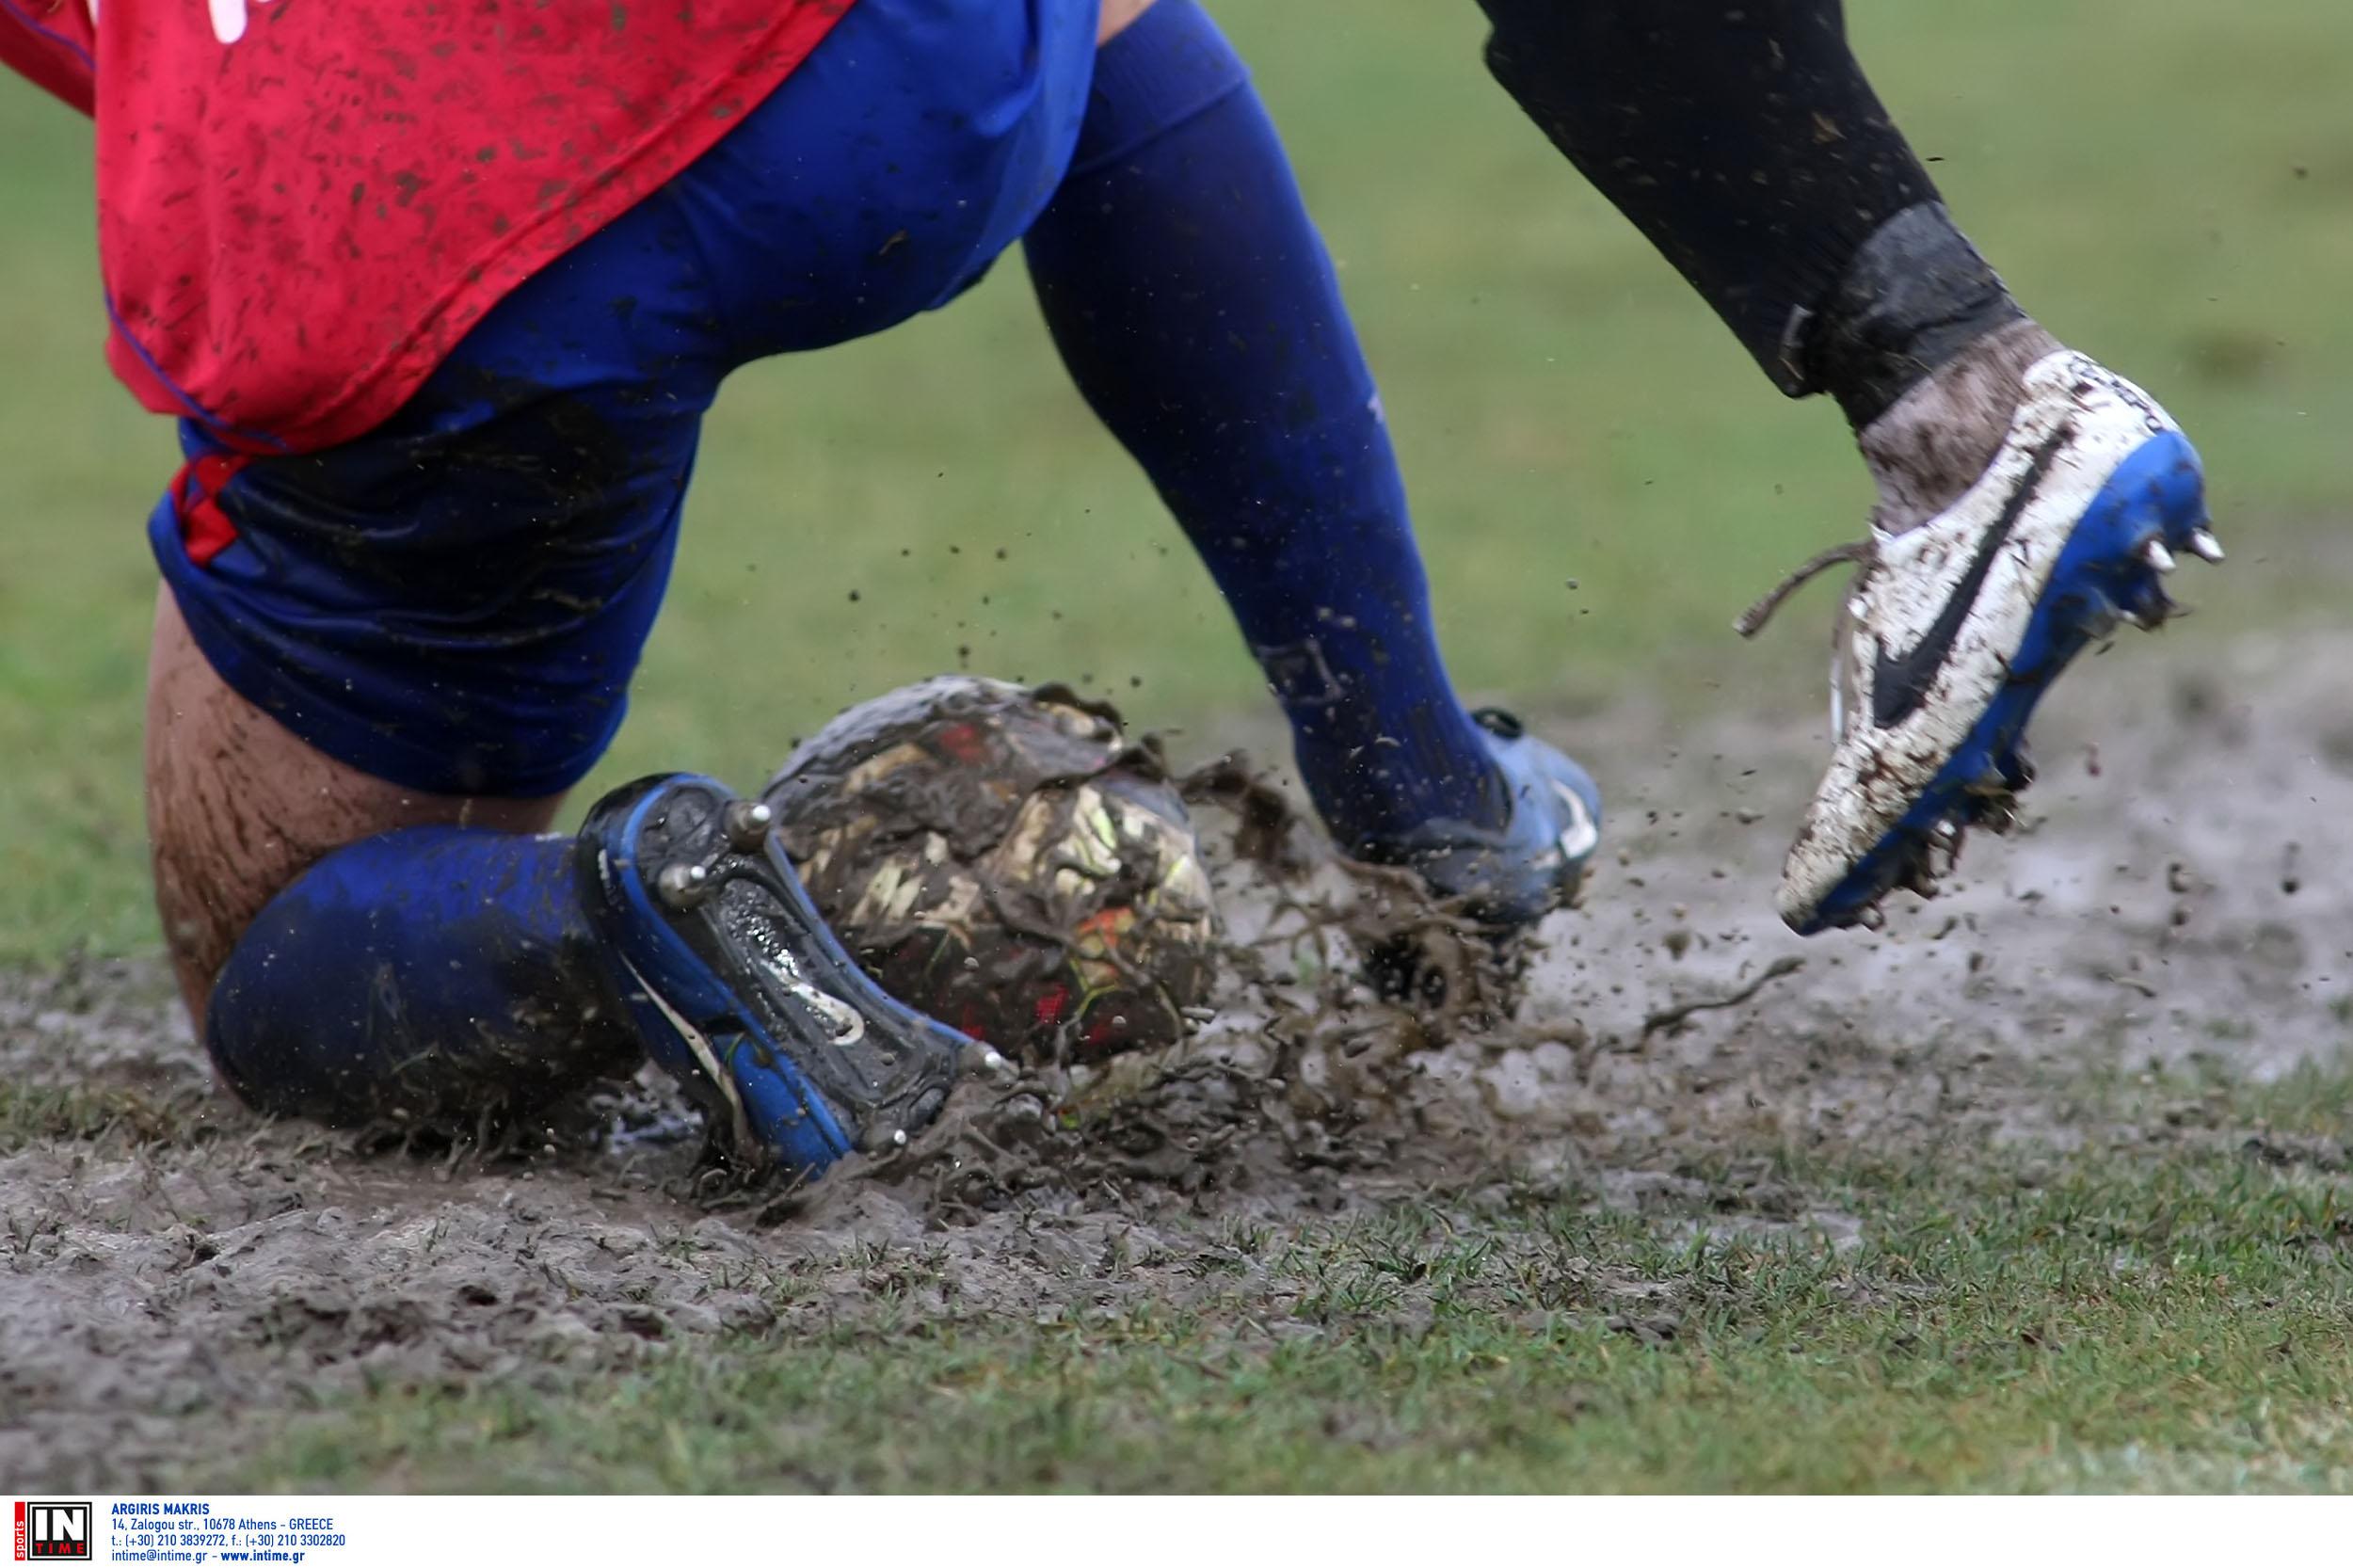 Η επίδραση των καιρικών συνθηκών στα αθλήματα και στο στοίχημα